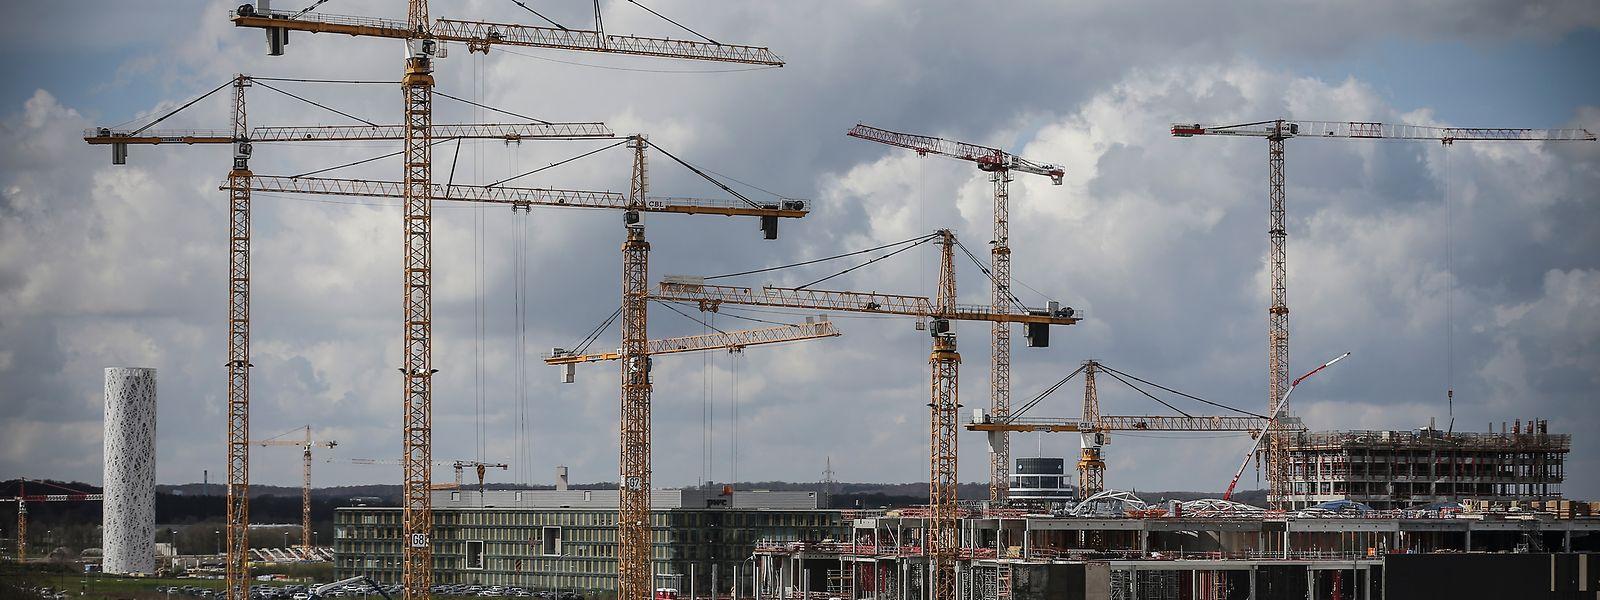 Gemessen an der Zahl der Baukräne im Ban de Gasperich müsste sich die Luxemburger Wirtschaft imTurbomodus befinden. Durch die EU-Herbstprognose erhält diese Einschätzung einen Dämpfer.